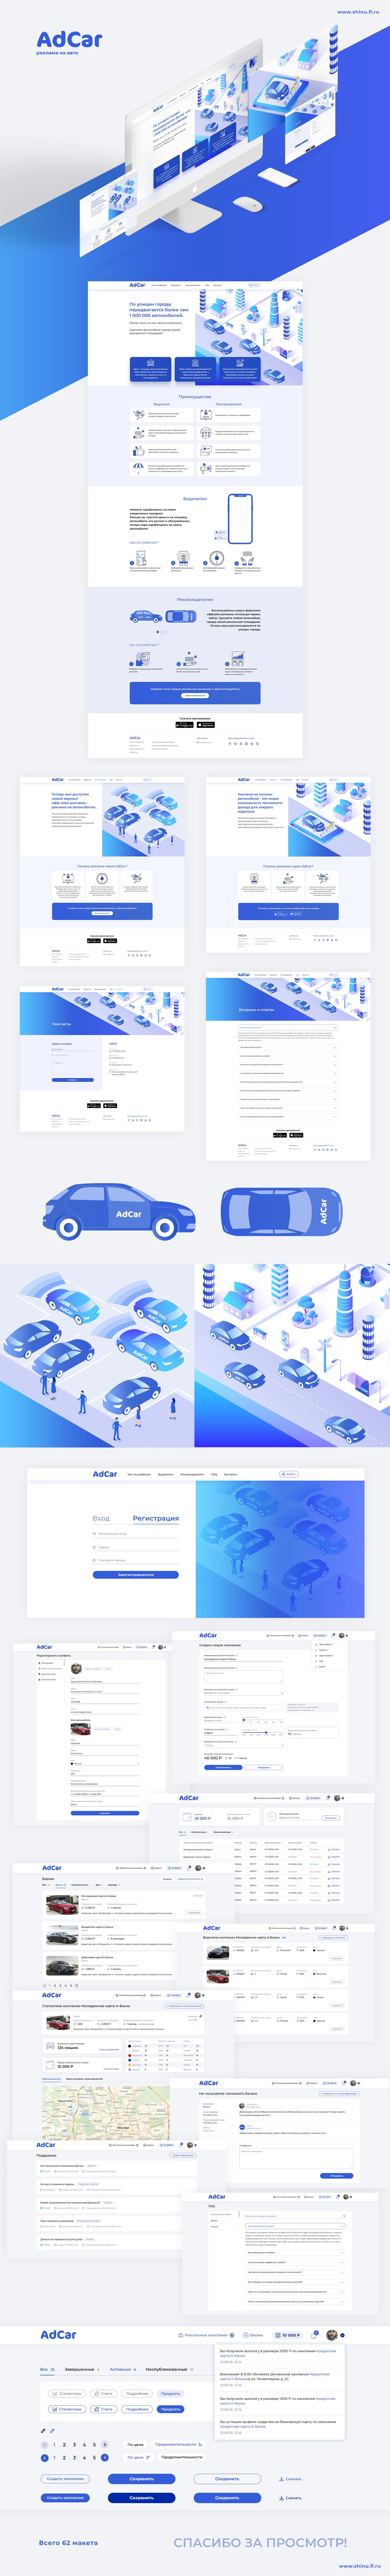 Сервис размещения рекламы на авто